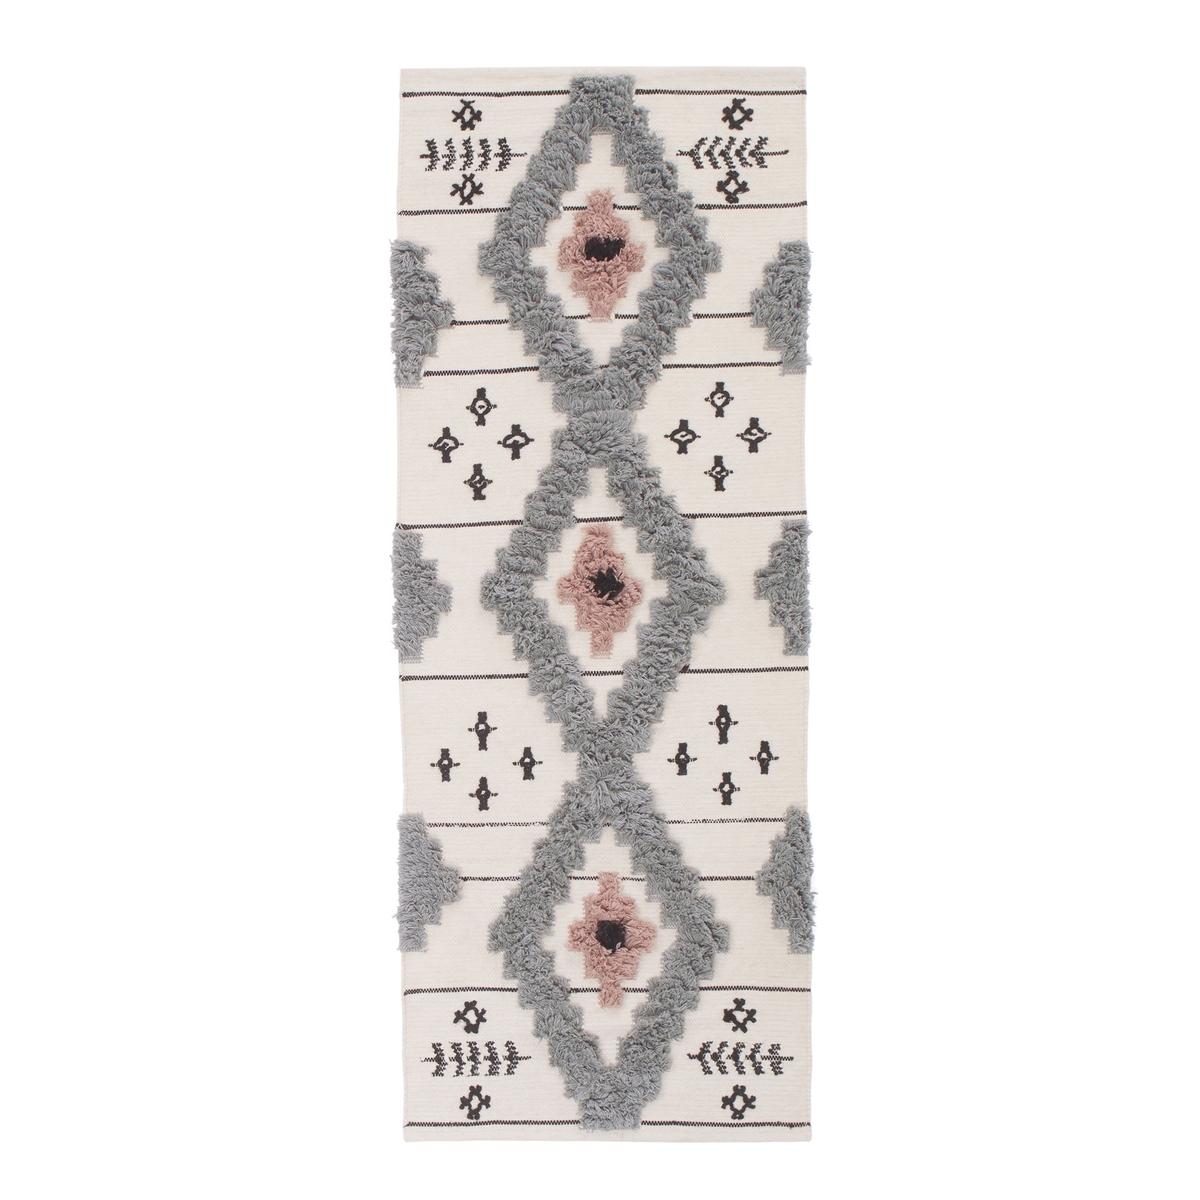 Ковер La Redoute В коридор в берберском стиле MELINES единый размер серый ковер la redoute в берберском стиле из шерсти tekouma 120 x 180 см бежевый